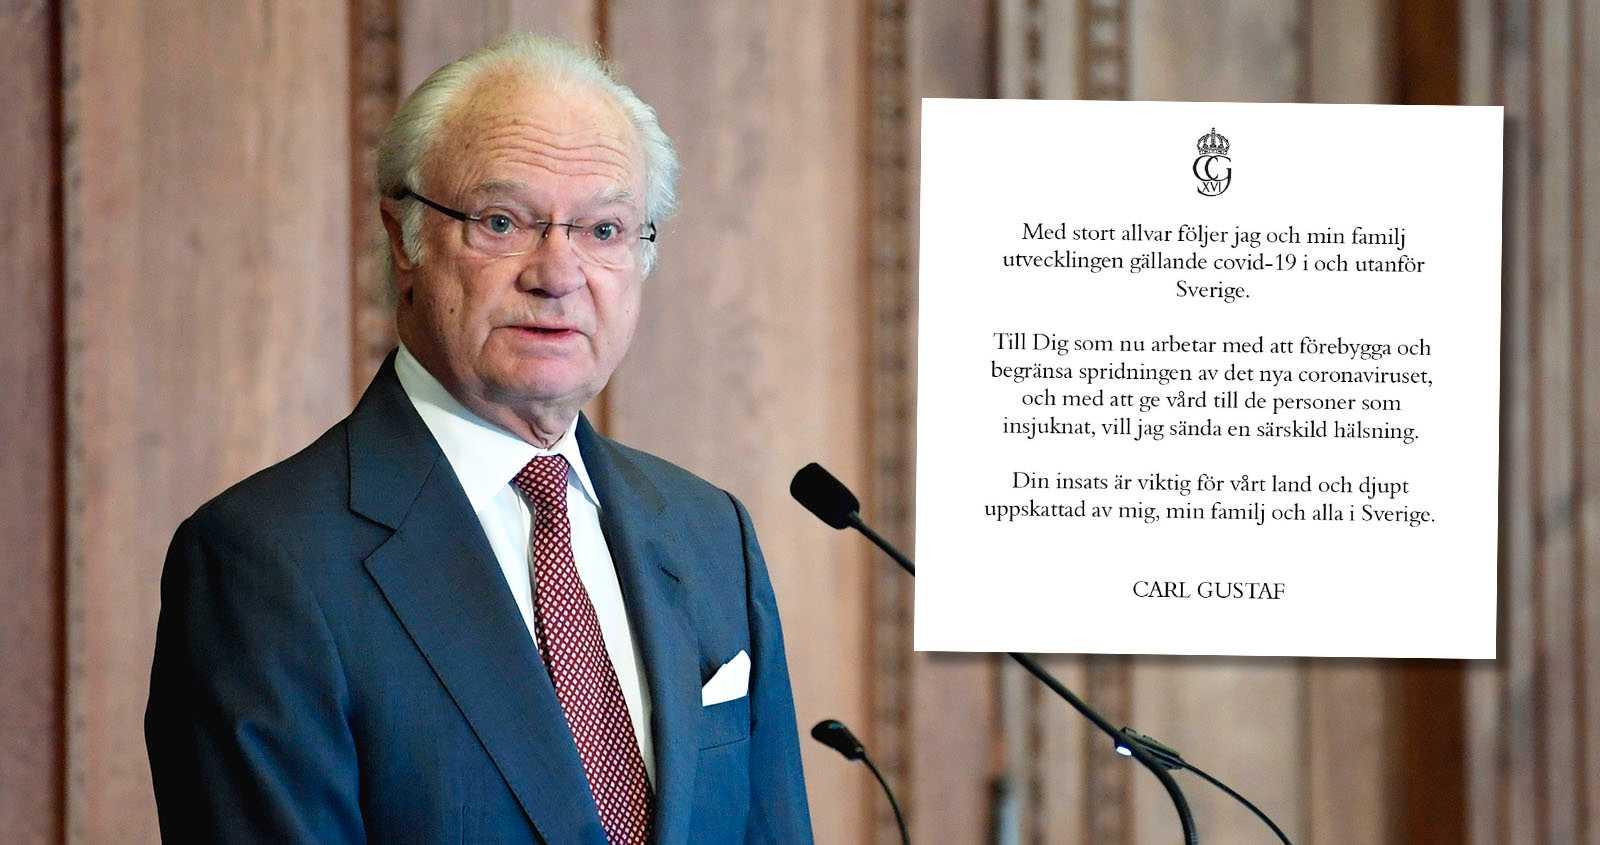 Kungen tackar Sveriges vårdpersonal